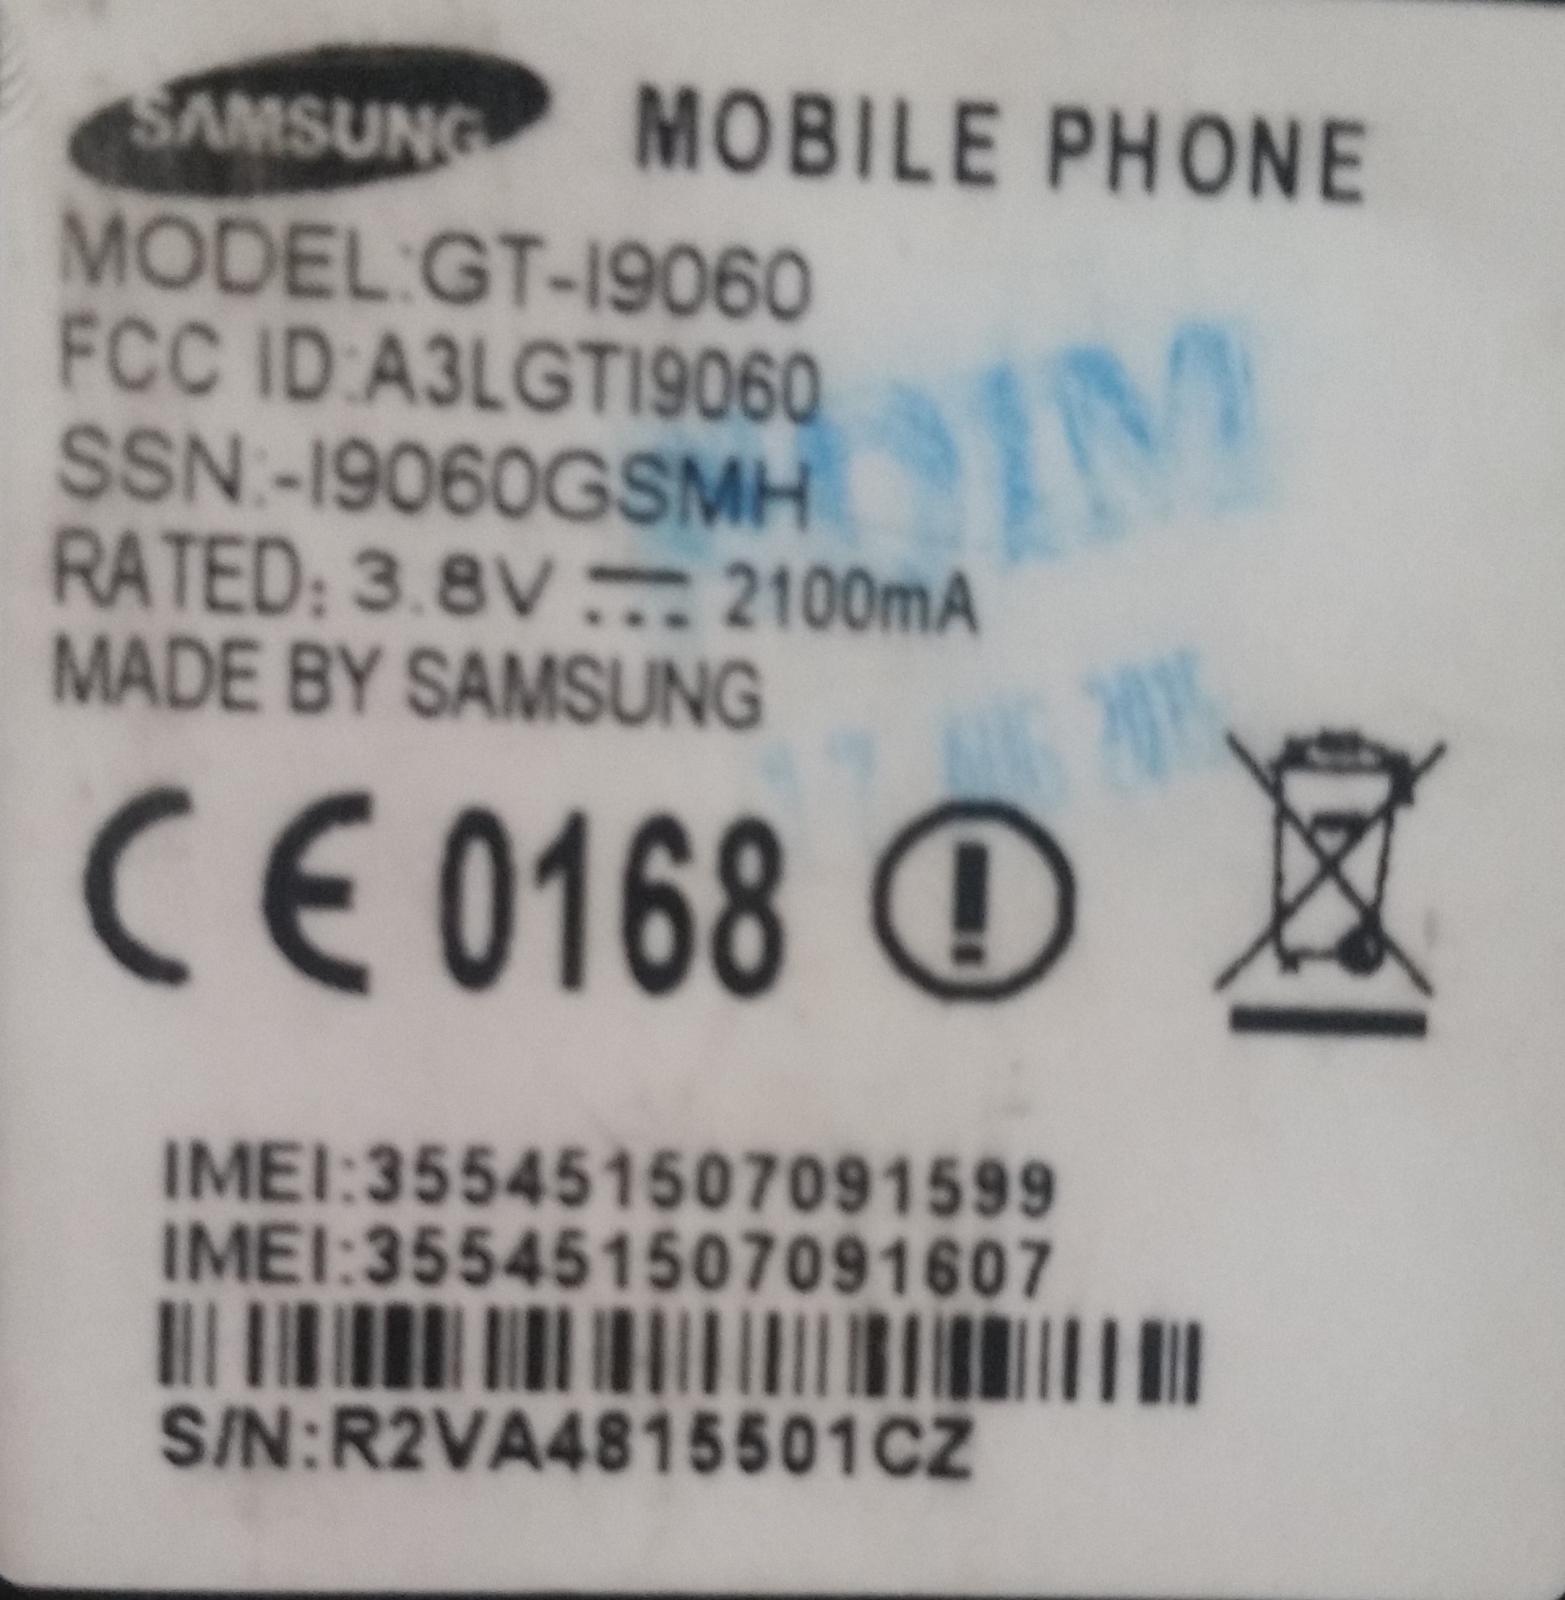 فایل فلش سامسونگ مدیاتک GT-i9060 MTK6572